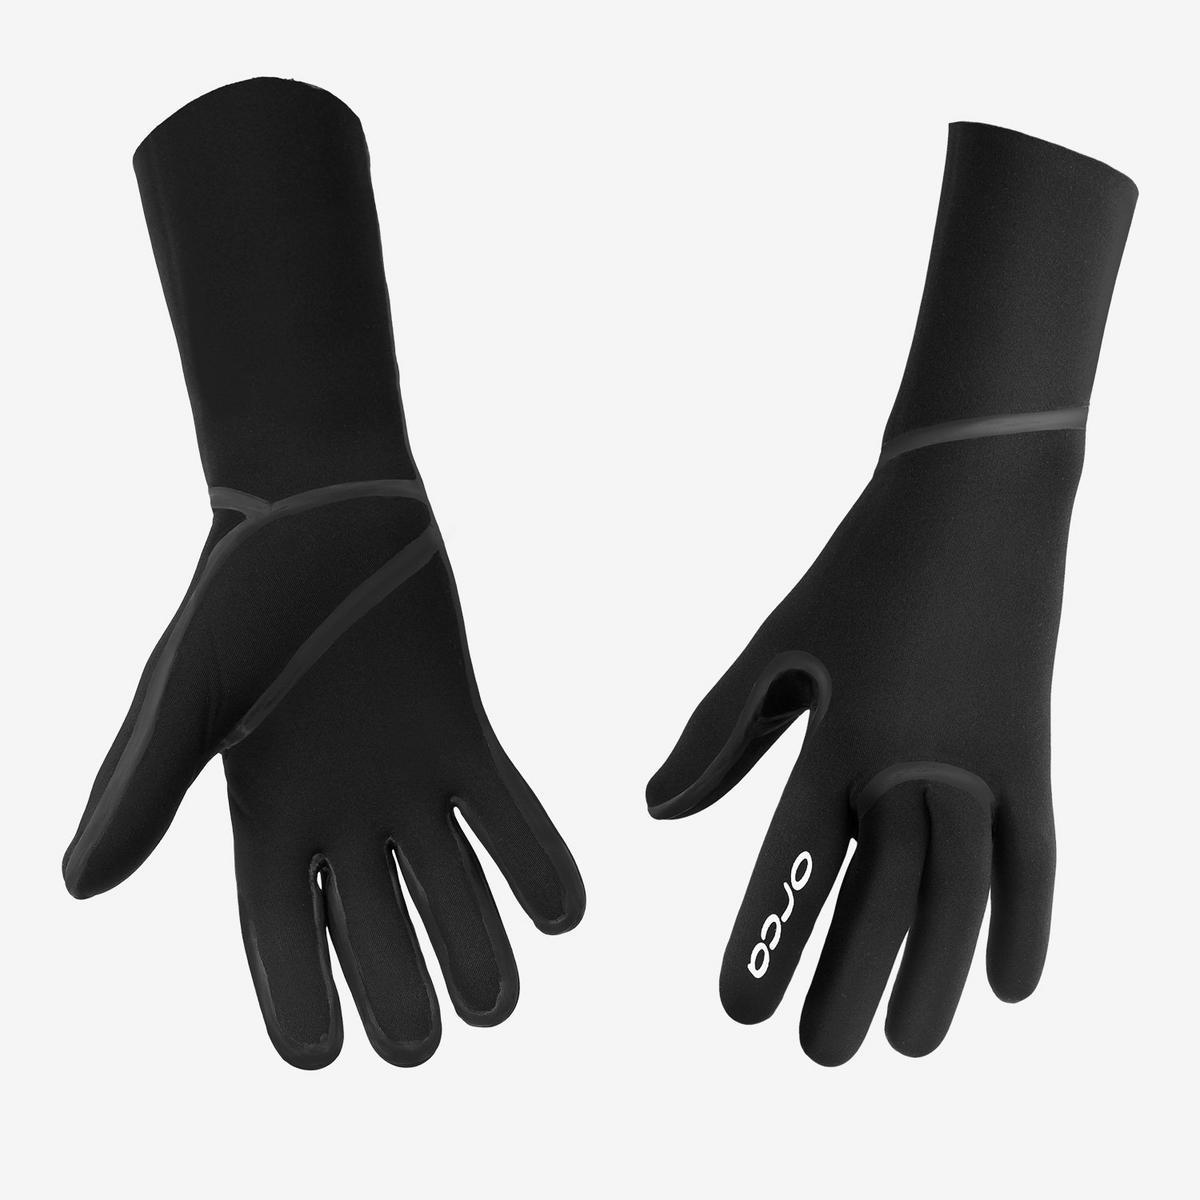 Orca Openwater Swim Glove - Black